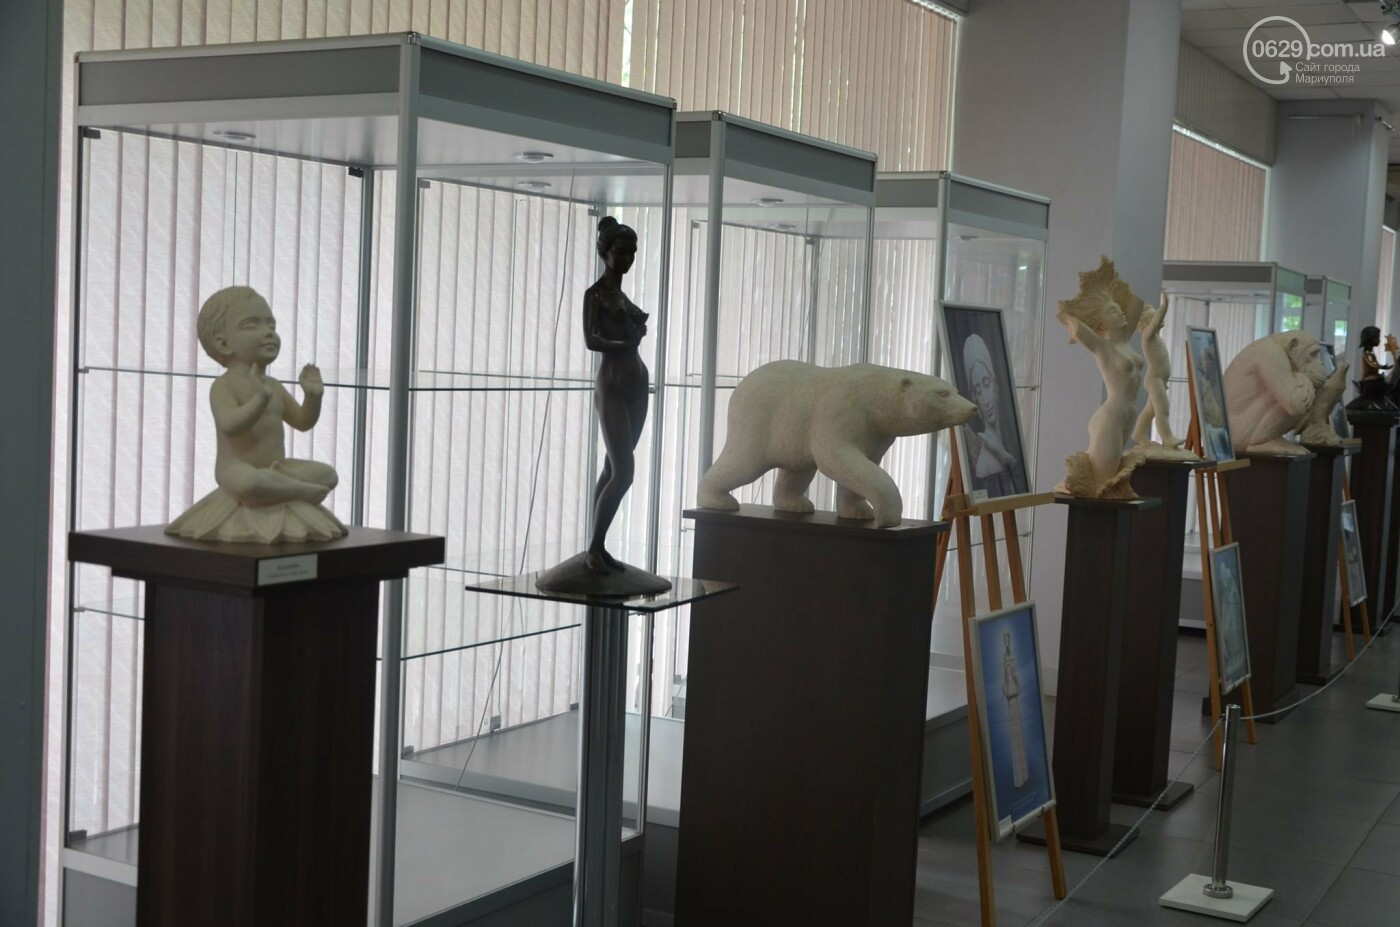 В Мариуполь привезли скульптуры, застрахованные на 4 - 6 тысяч евро каждая, - ФОТО, фото-4